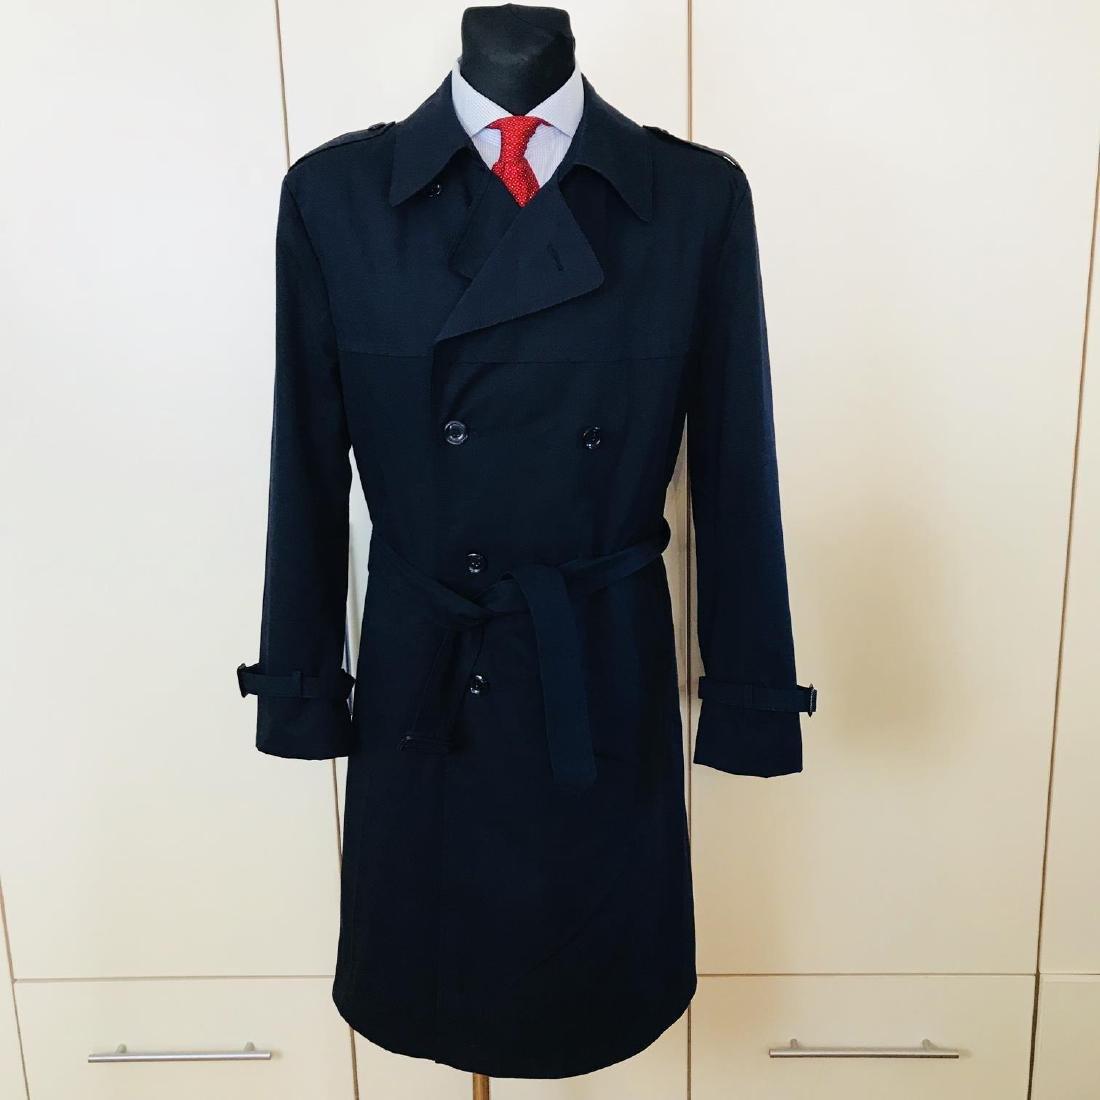 Vintage Men's Navy Blue Trench Coat Size US 42 / EUR 52